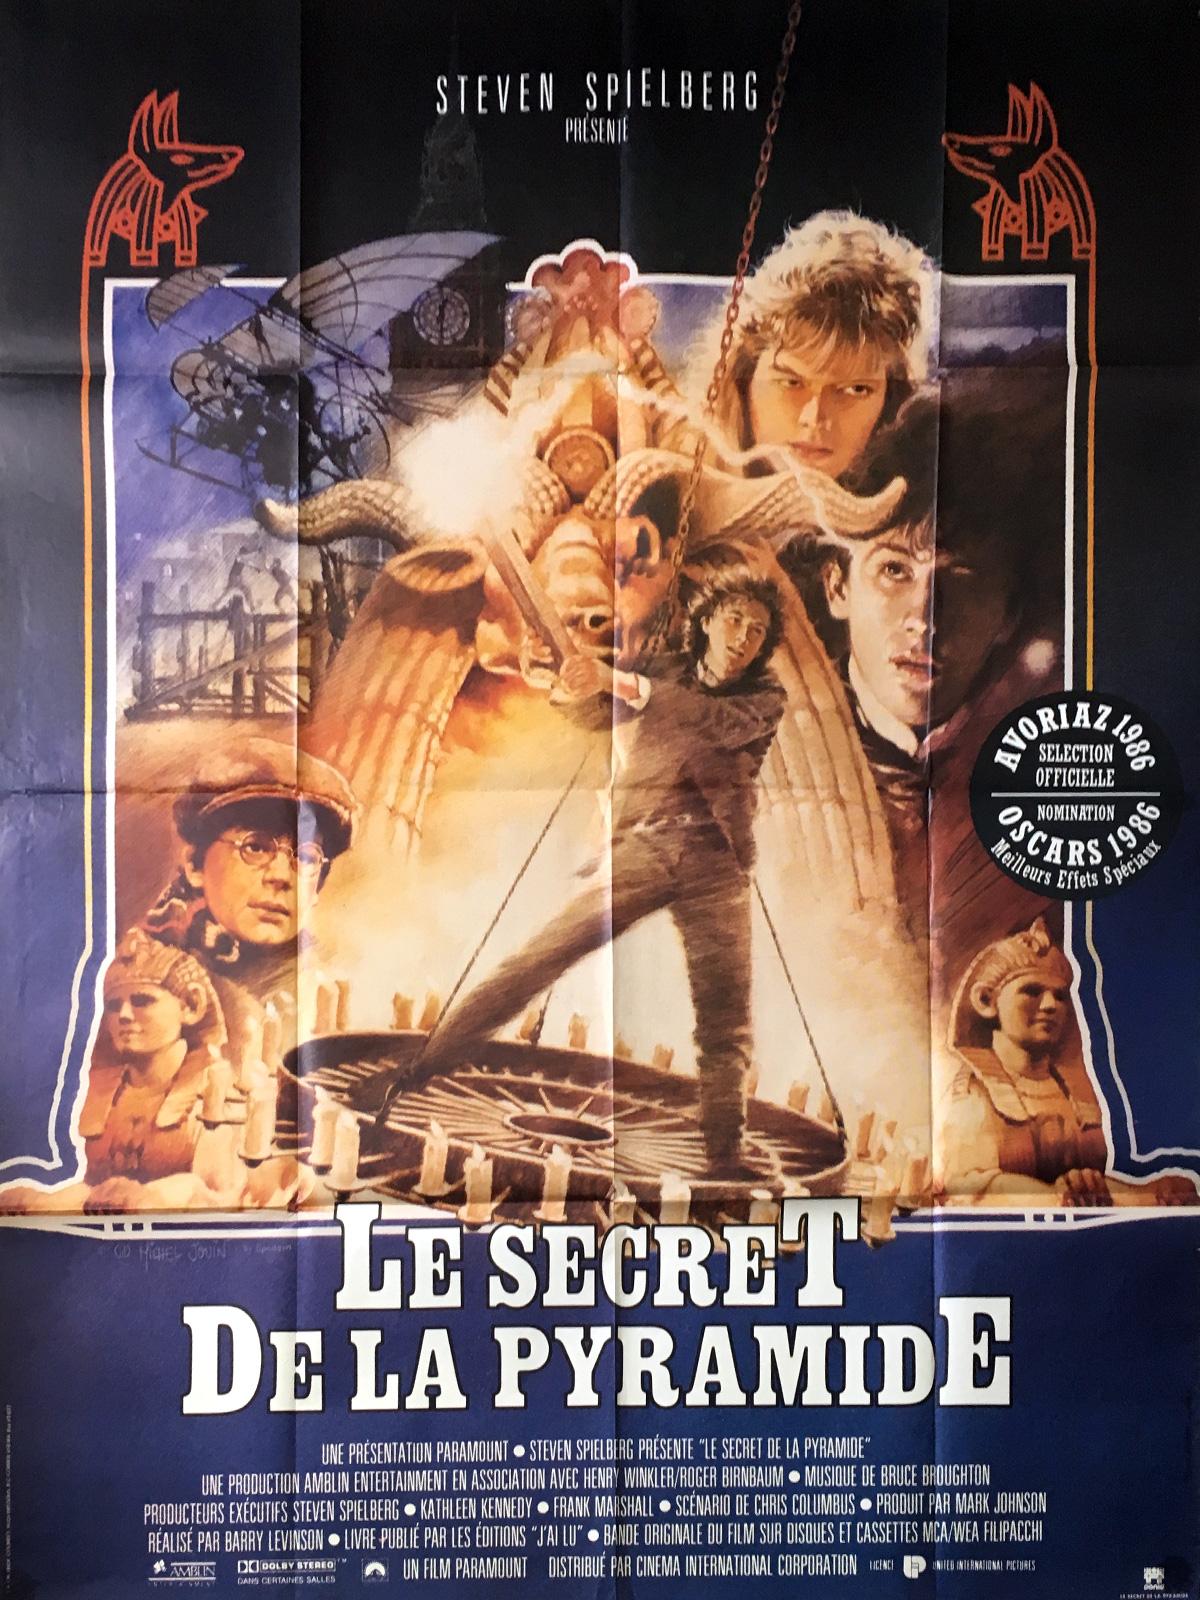 le-secret-de-la-pyramide-affiche-de-film-120x160-cm-1985-nicholas-rowe-barry-levinson.jpg